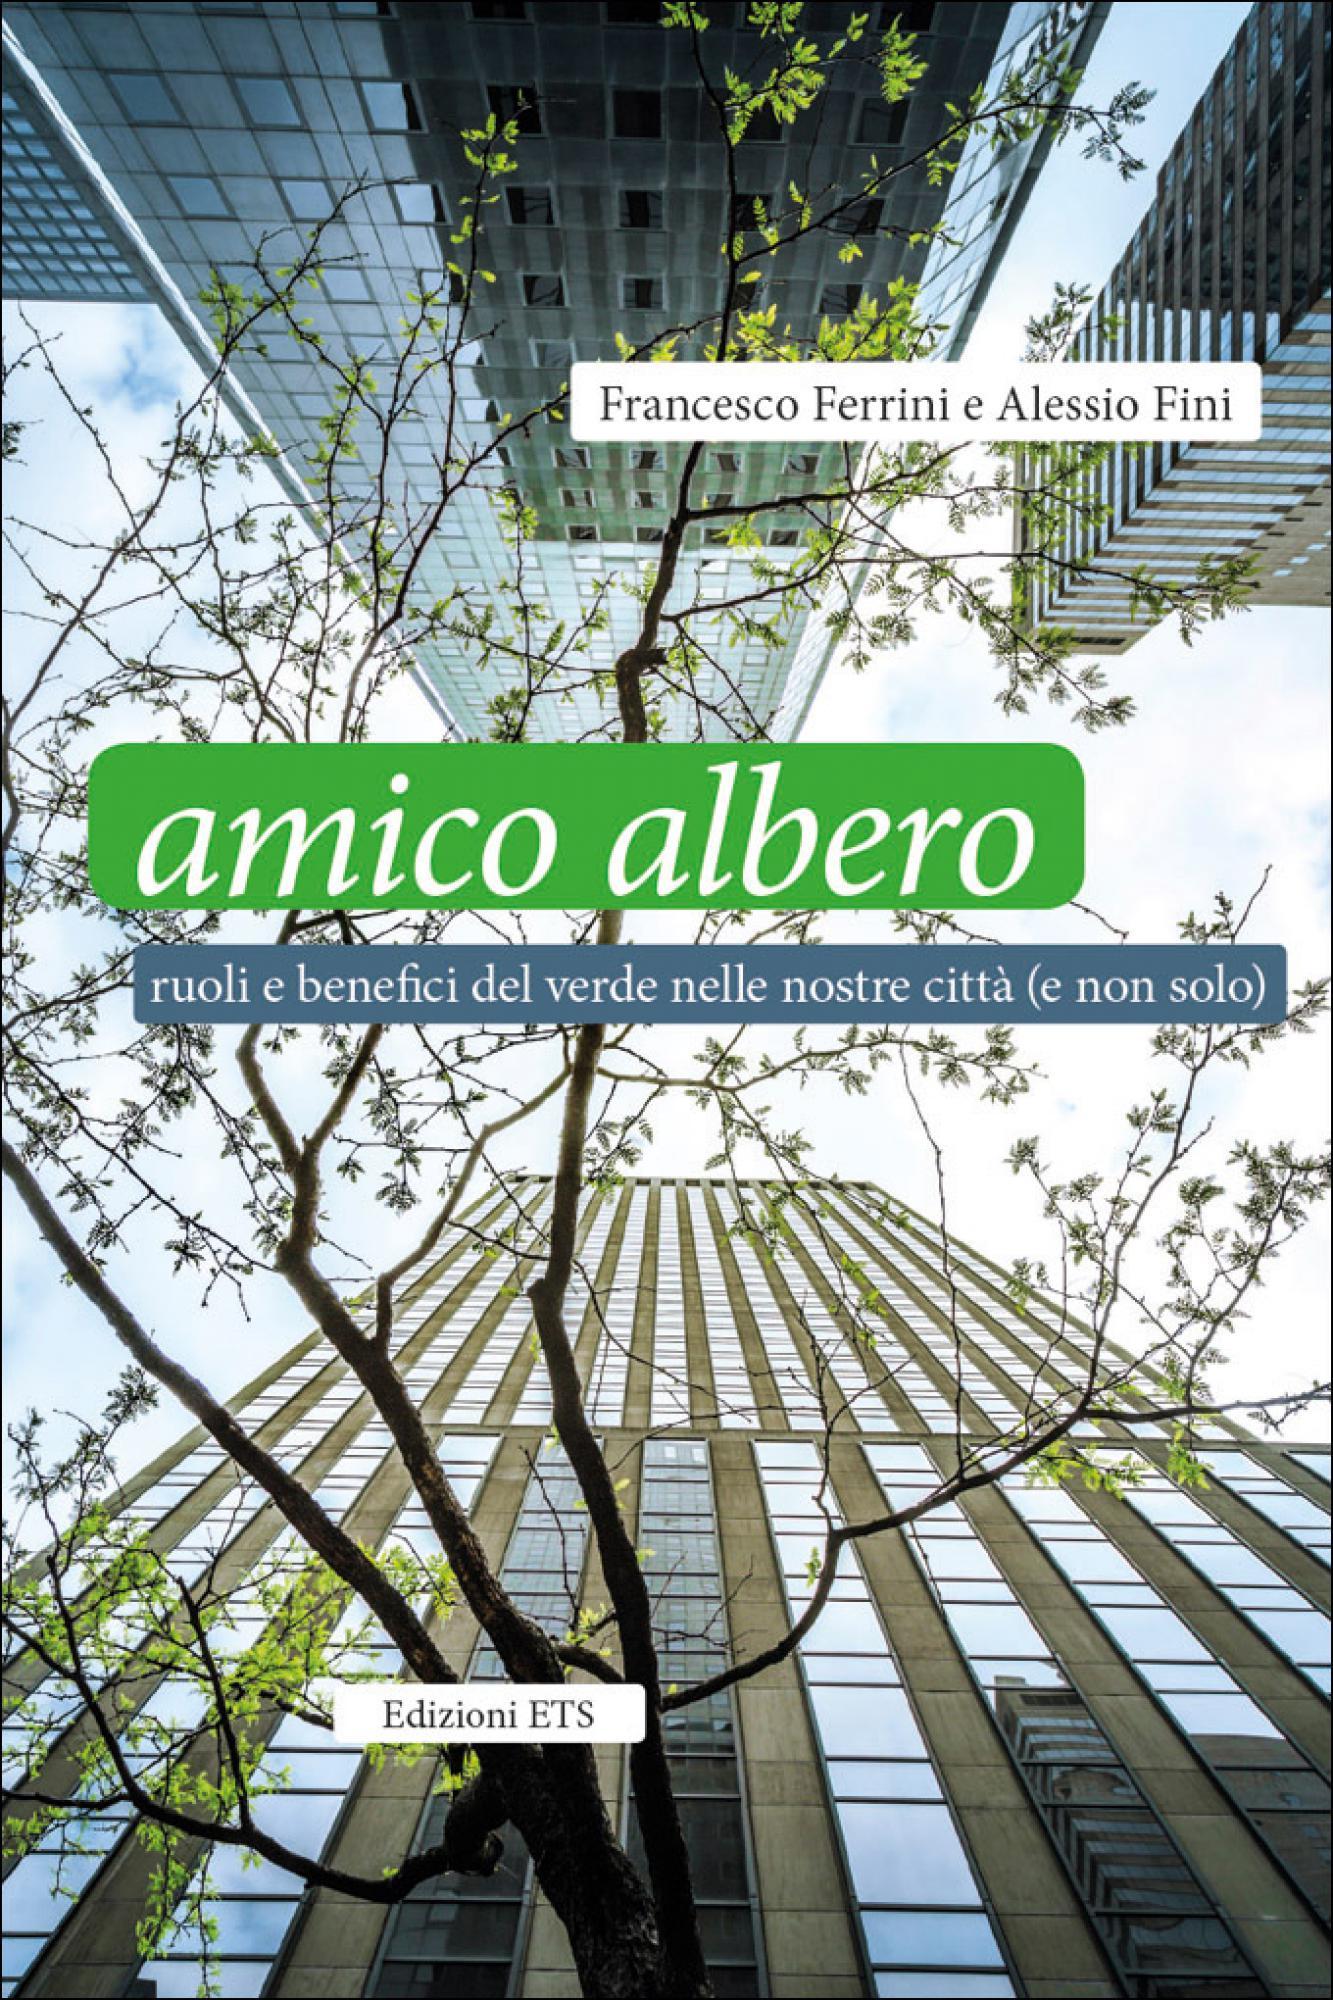 AMICO ALBERO